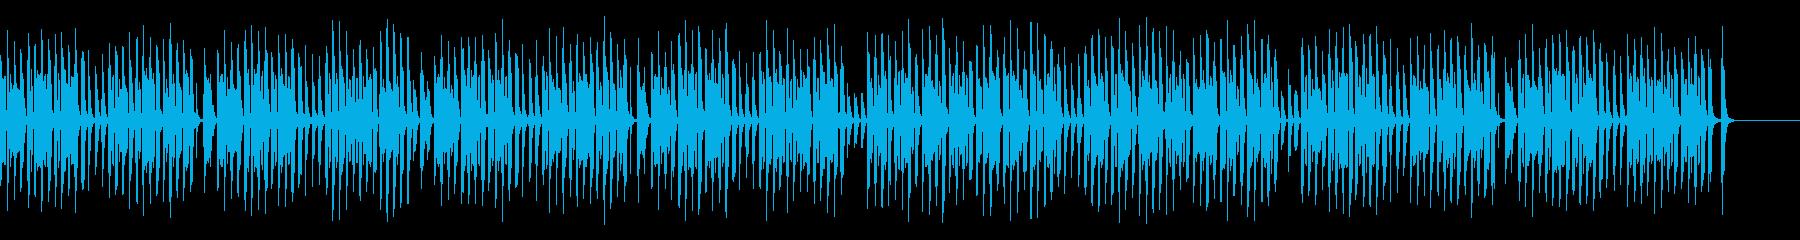 ペットや脱力系映像に合うリコーダーの再生済みの波形